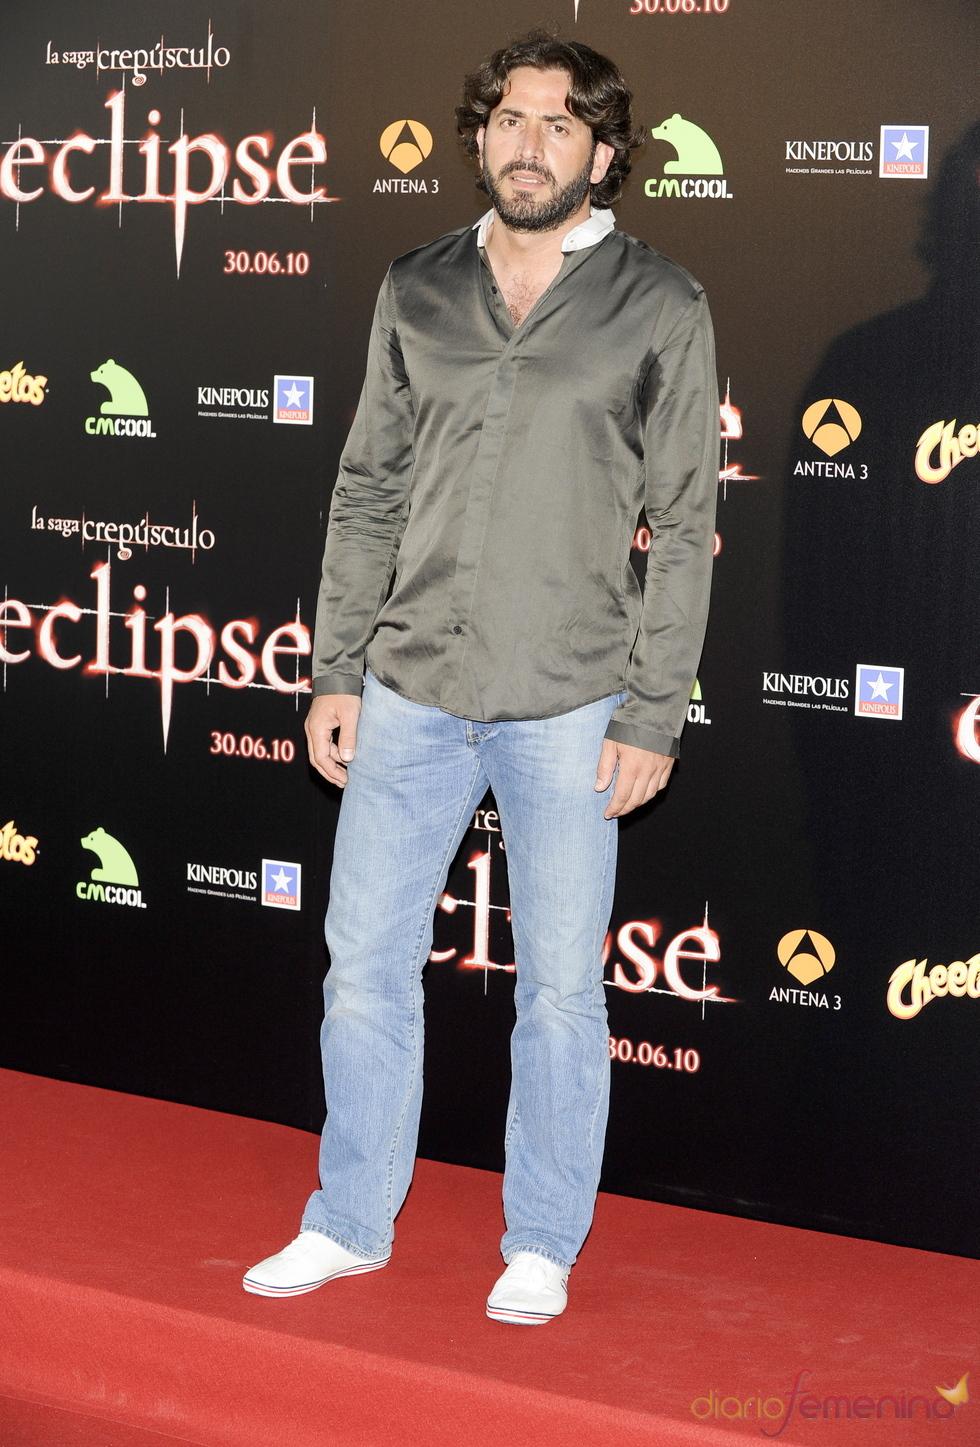 Antonio Garrido en la premiere de 'Eclipse' en Madrid